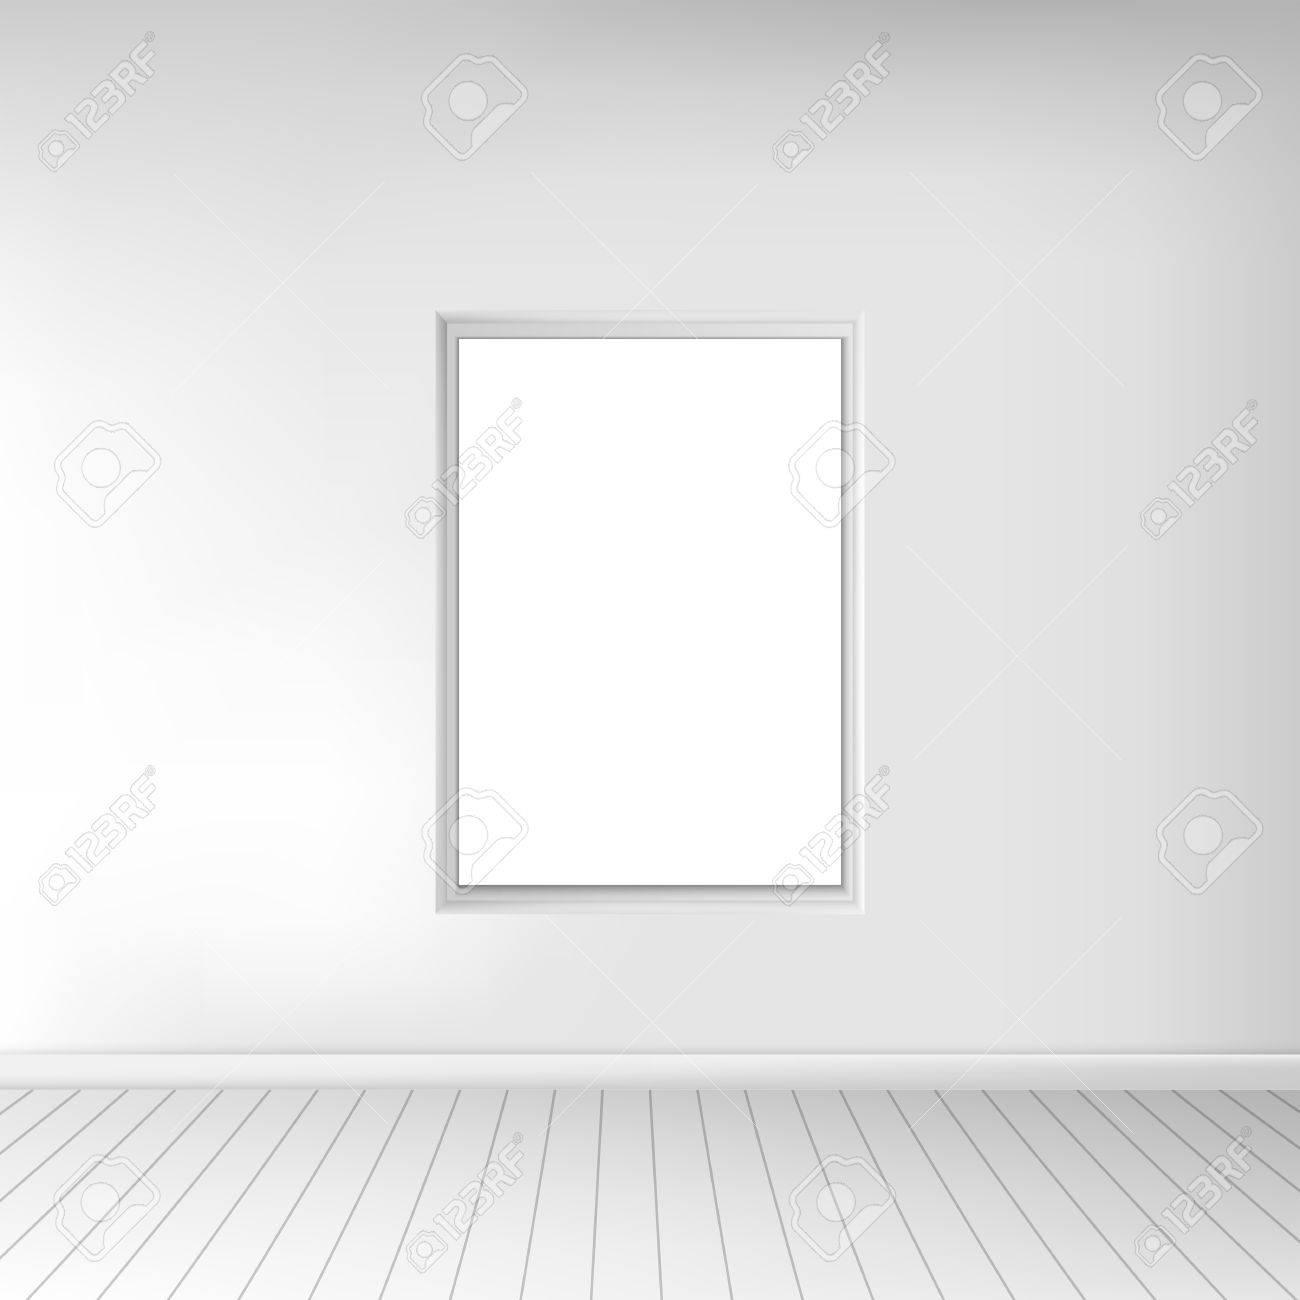 f2ea22eb6632e5 Banque d images - Une spacieuse salle blanche vide avec une image sur le  mur. intérieur Monochrome. Lors de l utilisation pour votre projet de  conception.